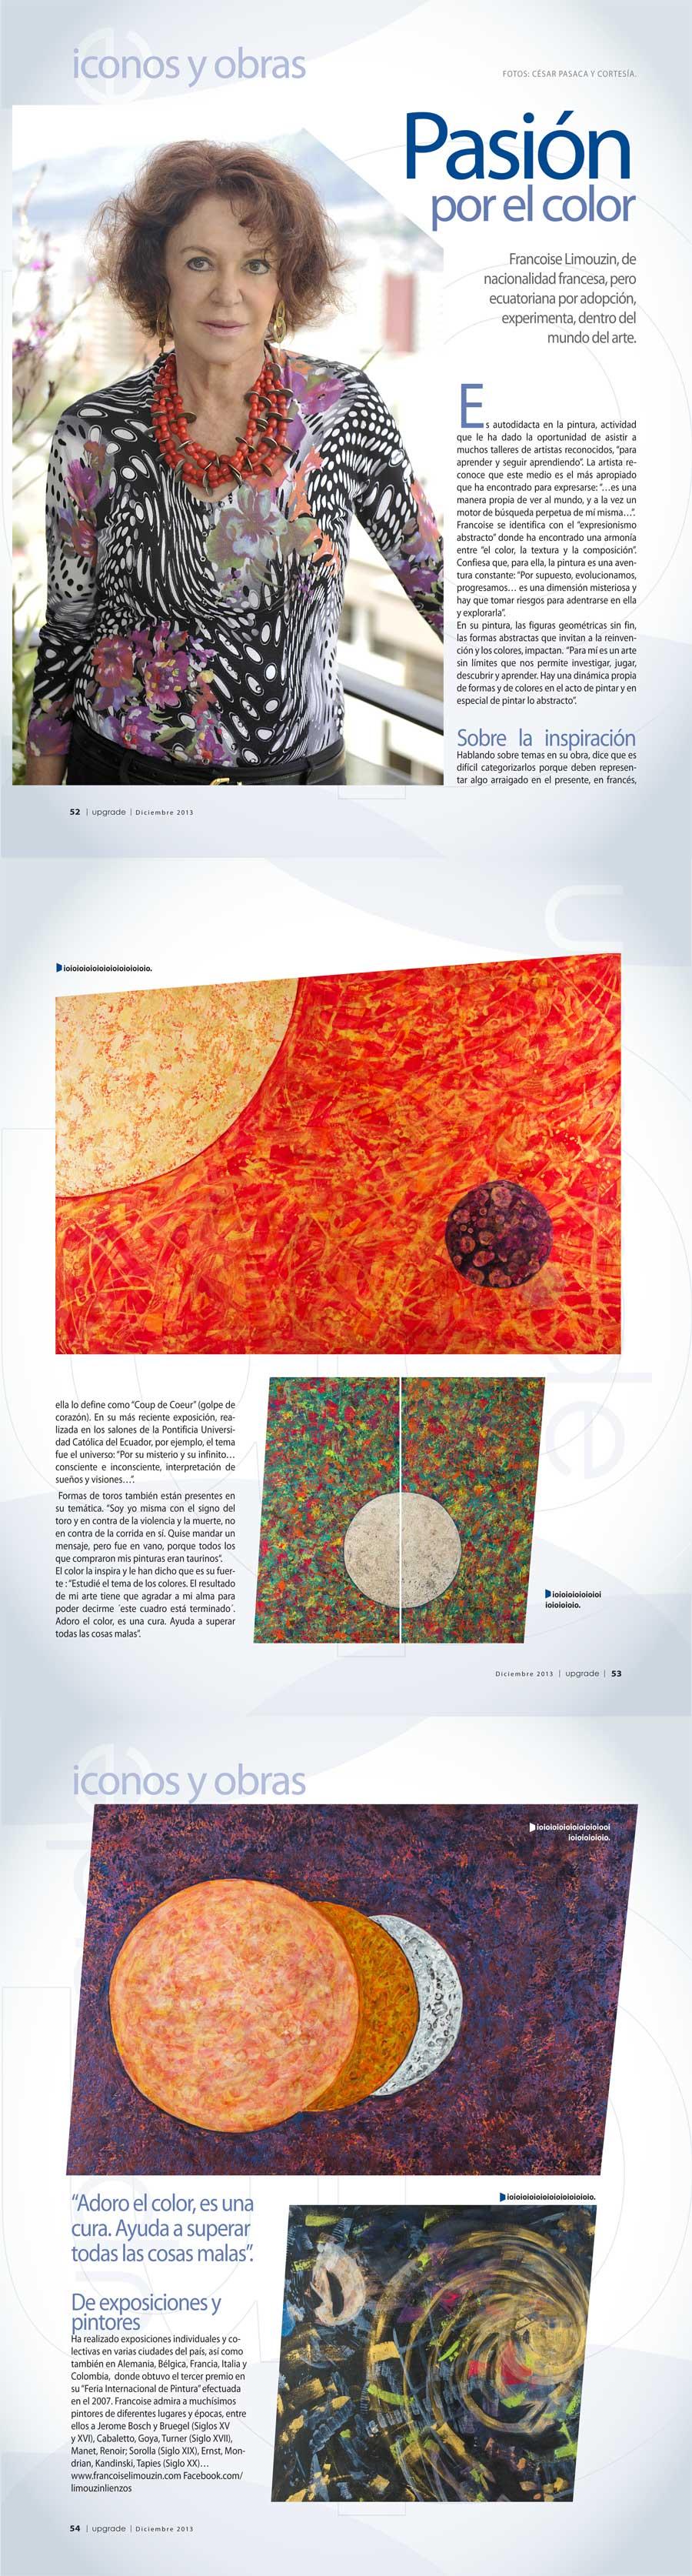 Iconos y Obras (diciembre 2013)